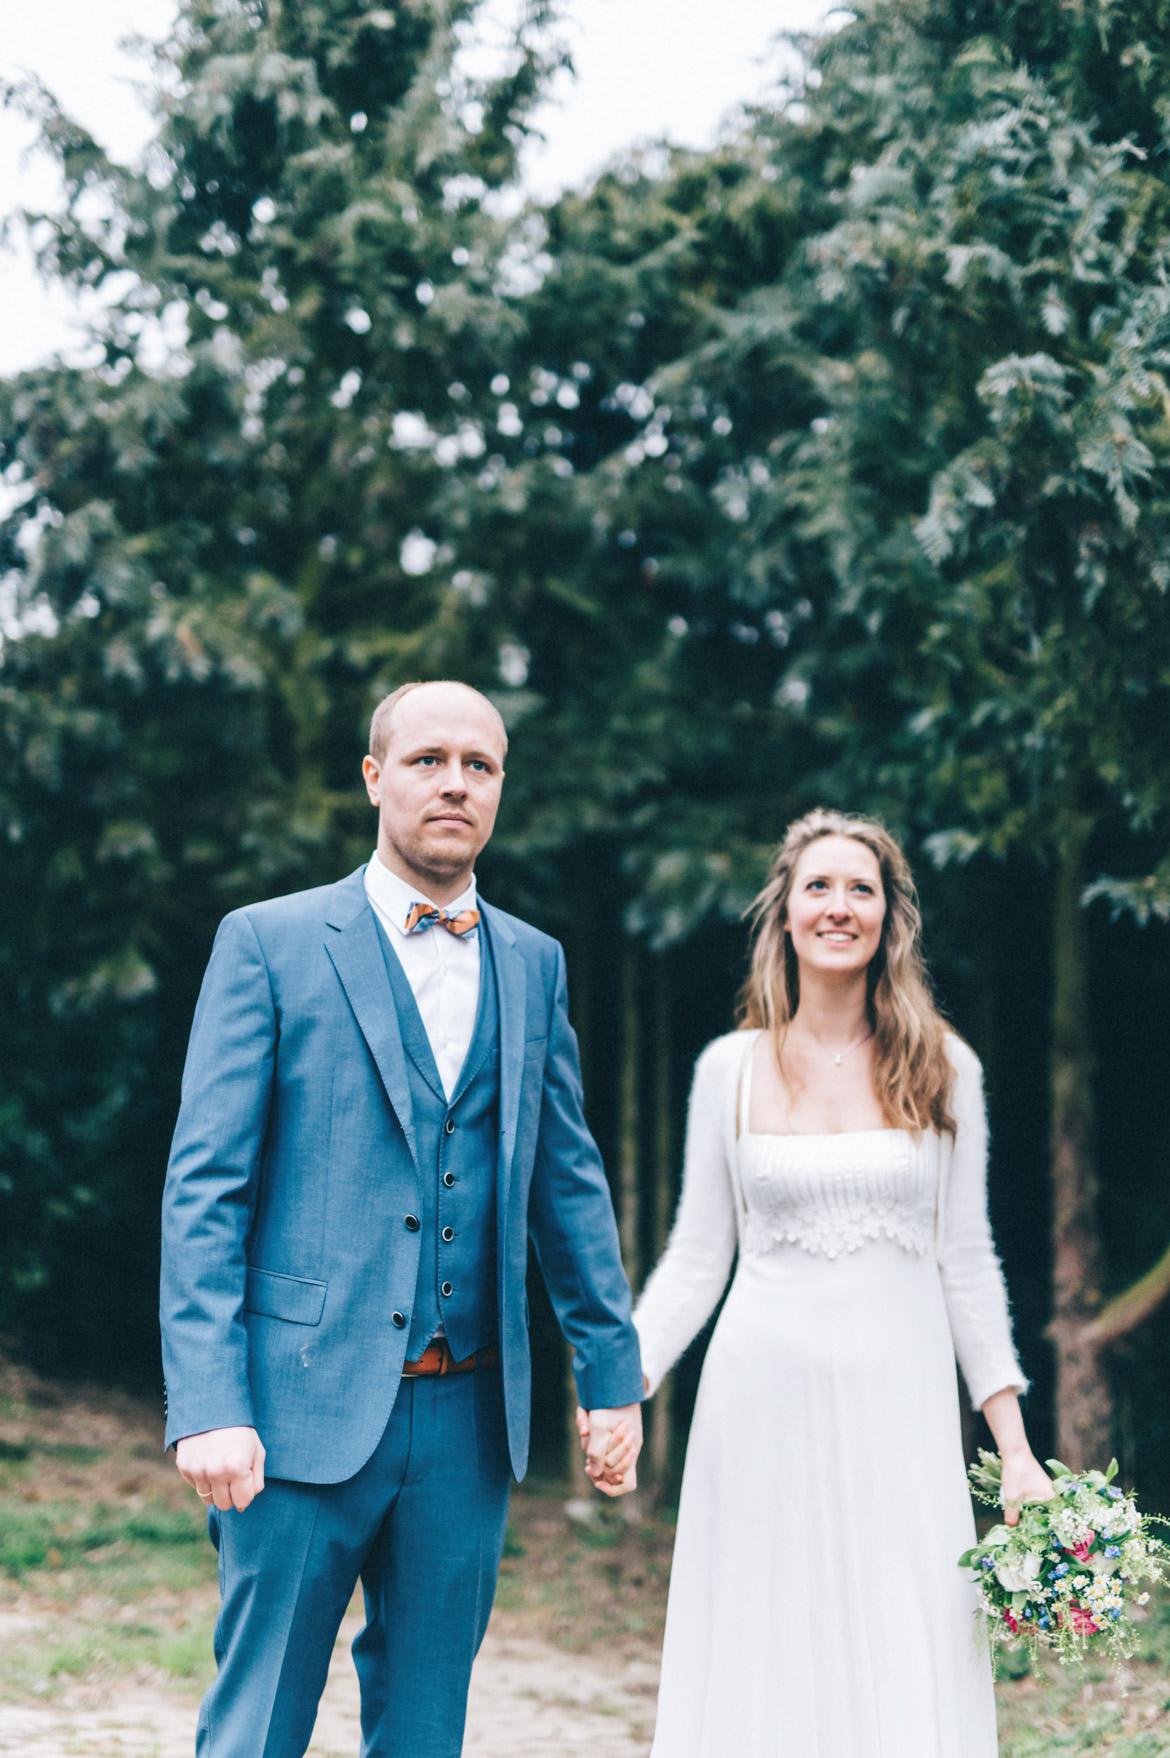 DIY-Hochzeit-koblenz-hoch-15 Tina & Miro DIY Wedding Cafe KostbarDIY Hochzeit koblenz hoch 15